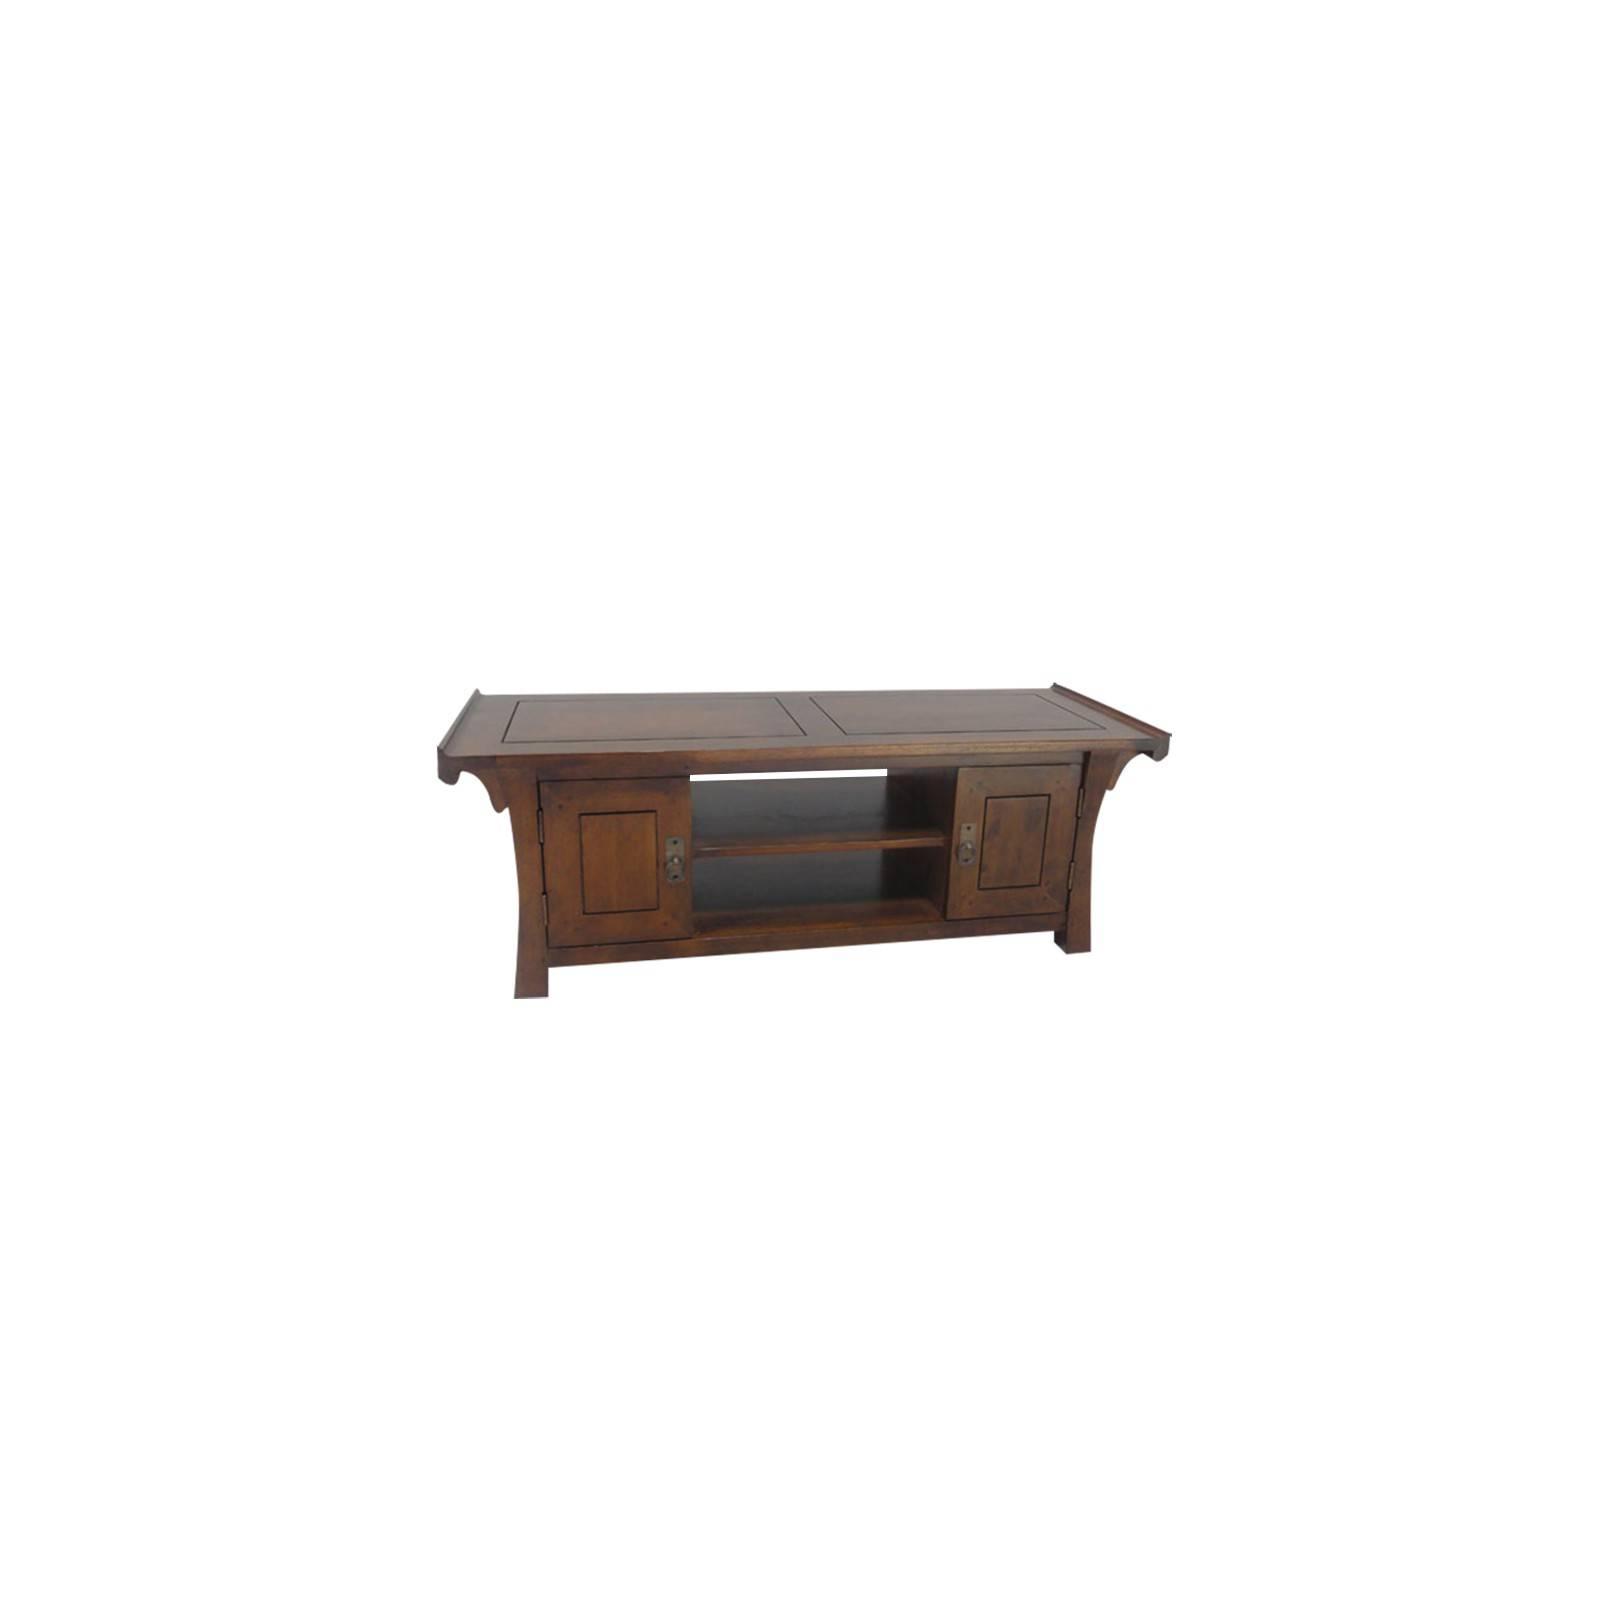 Meuble Tv 2 niches en bois exotique de la gamme Chine